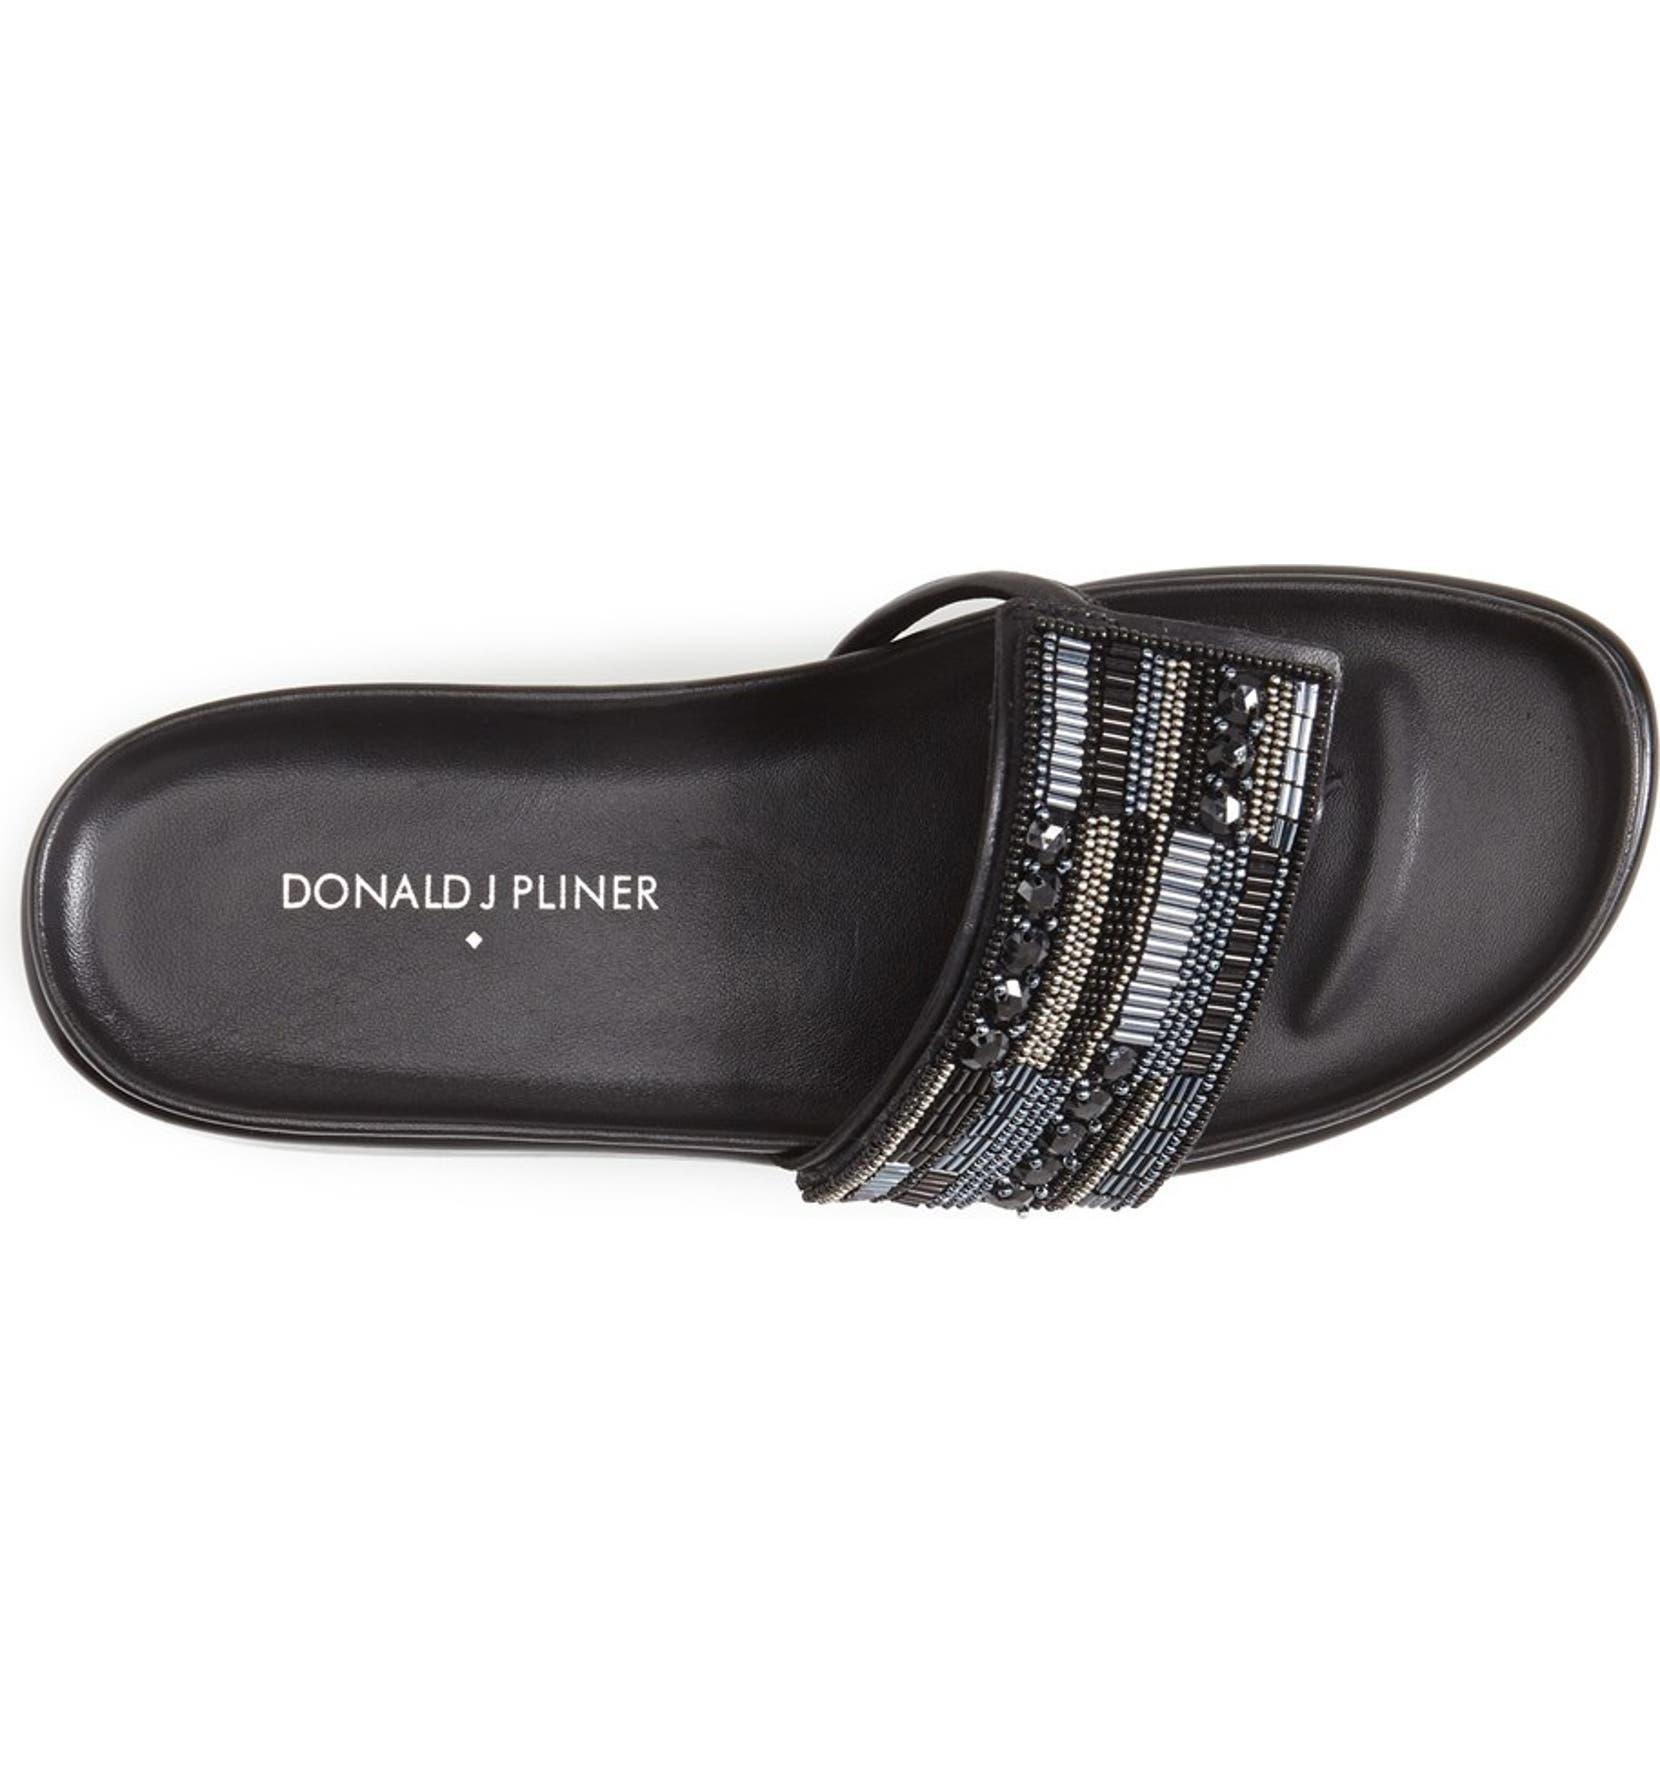 7c1f290c22 Donald J Pliner 'Fifi' Beaded Thong Wedge Sandal (Women) | Nordstrom